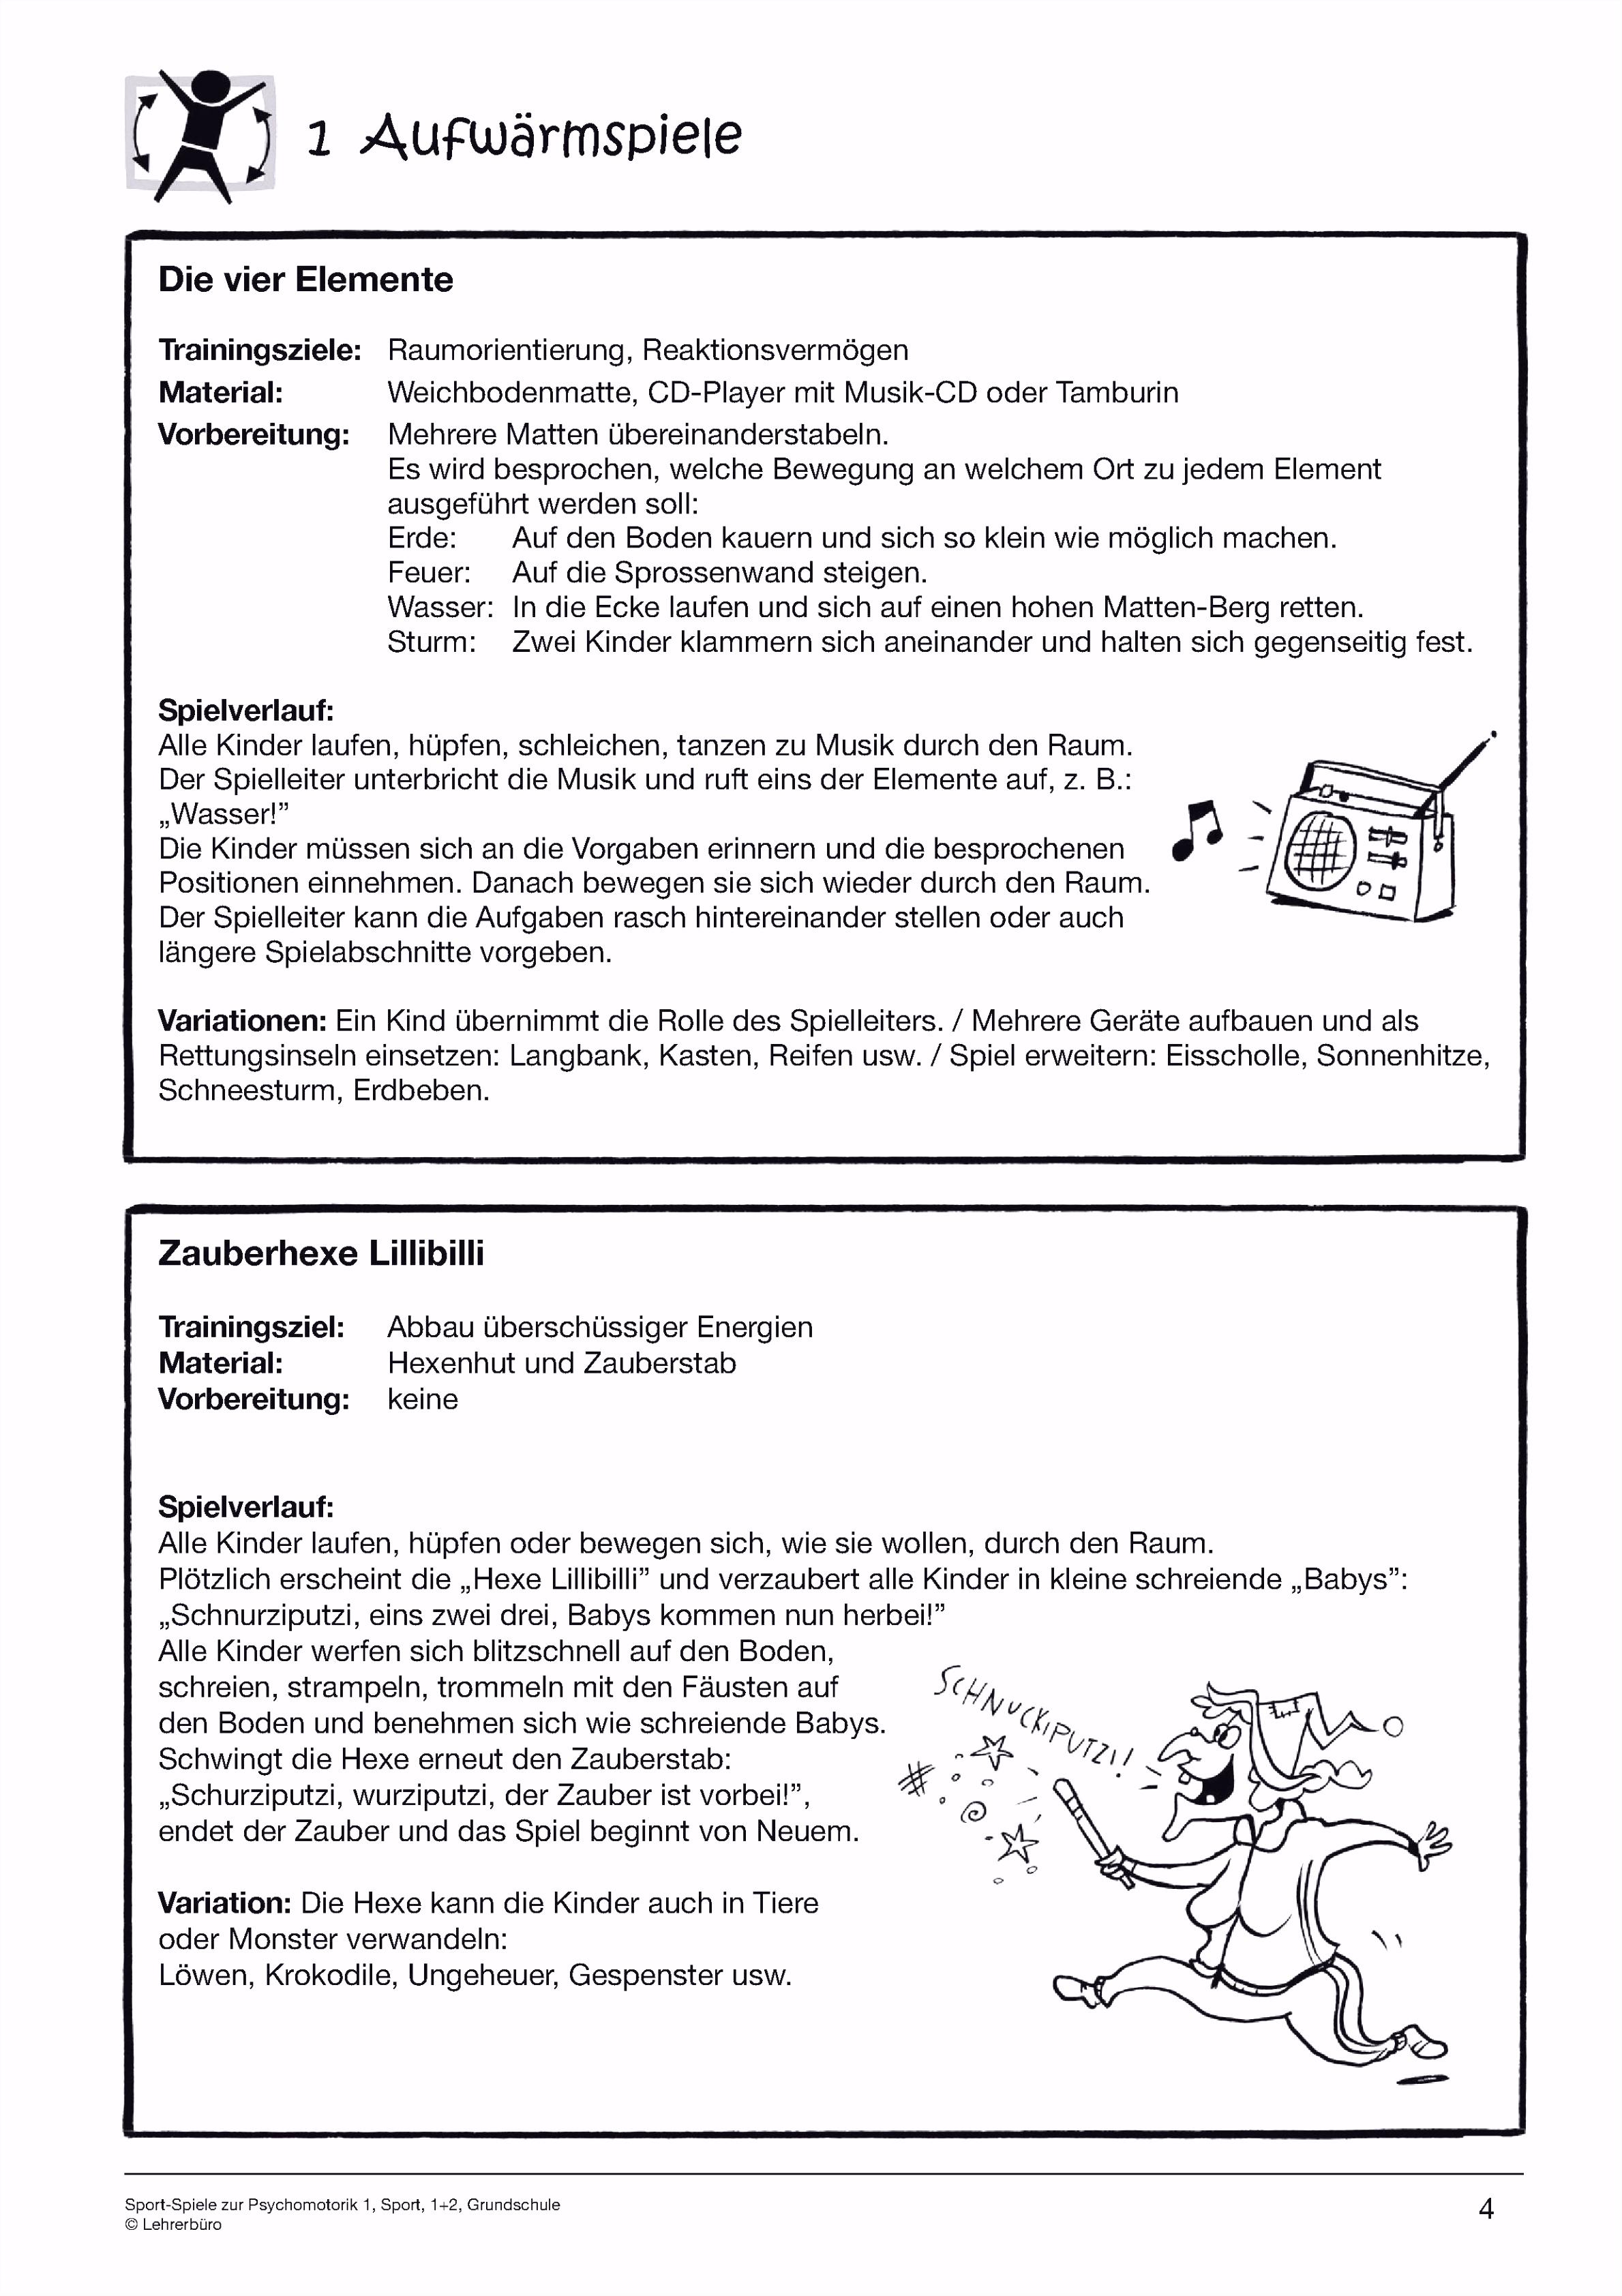 Materialliste Vorlage Schule Buchvorstellung Grundschule Arbeitsblatt Beau S Buchvorstellung Q6ie73tyk9 Xvoehmlqb4